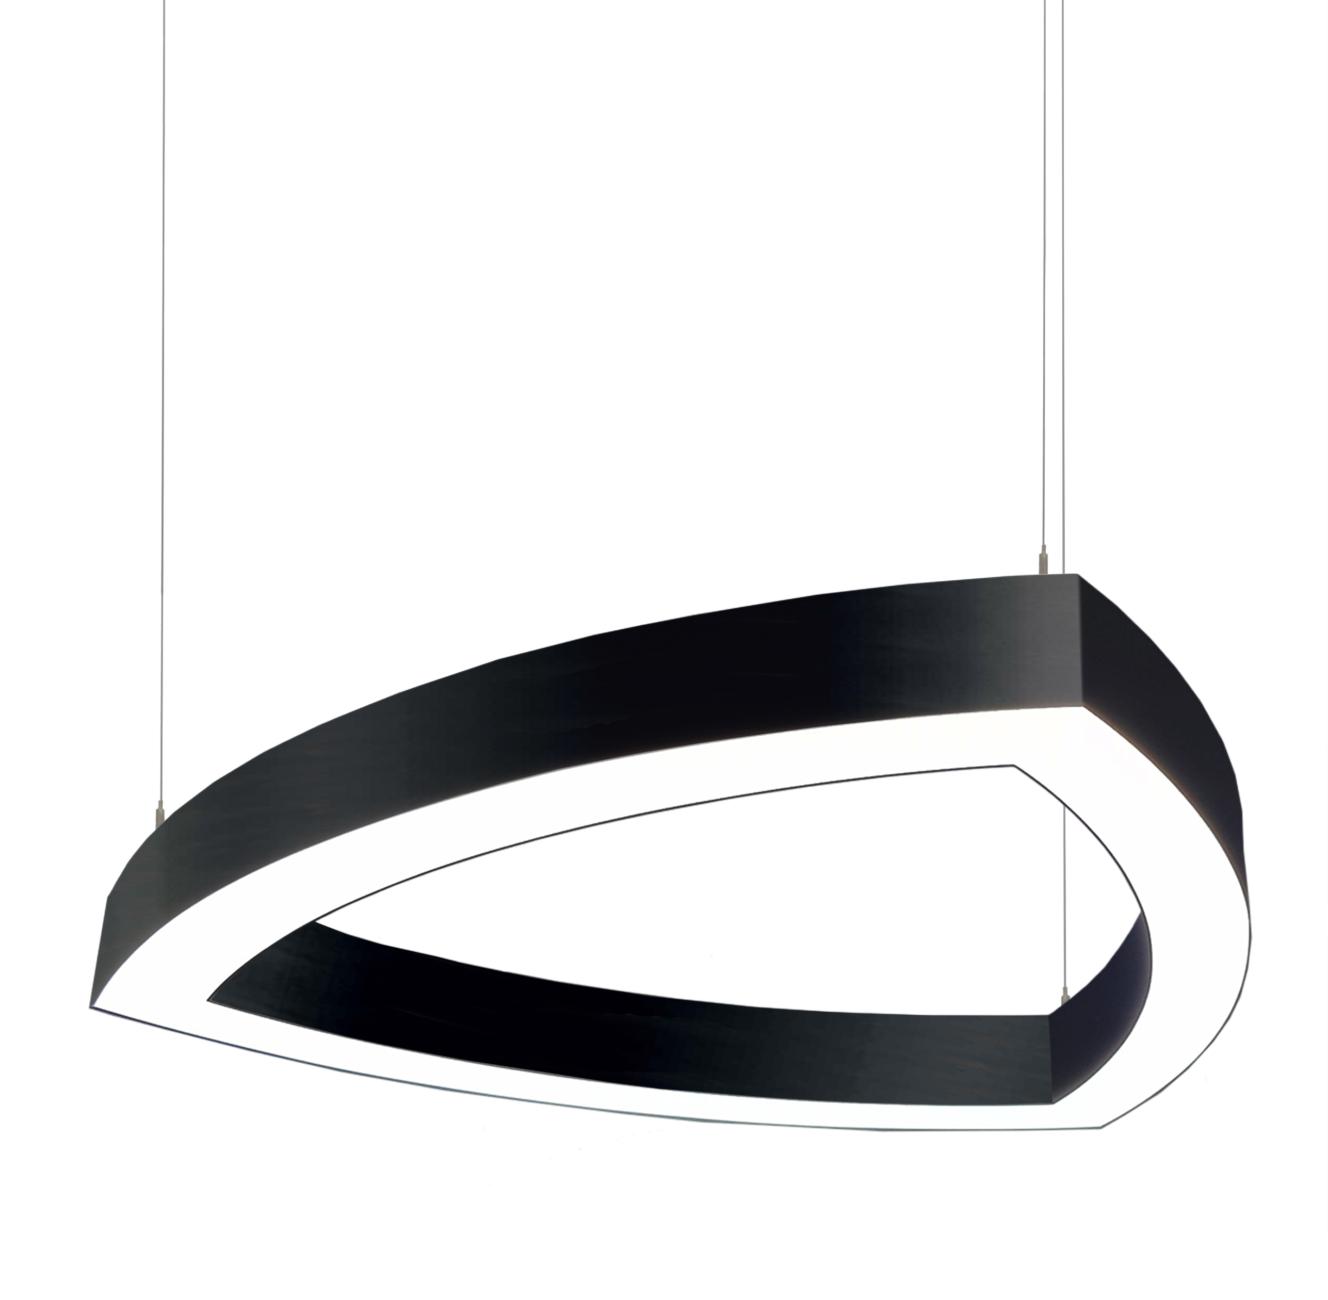 Светильник Triangle-H 5060-300мм. 4000К/3000К. 11/24W купить в Химках